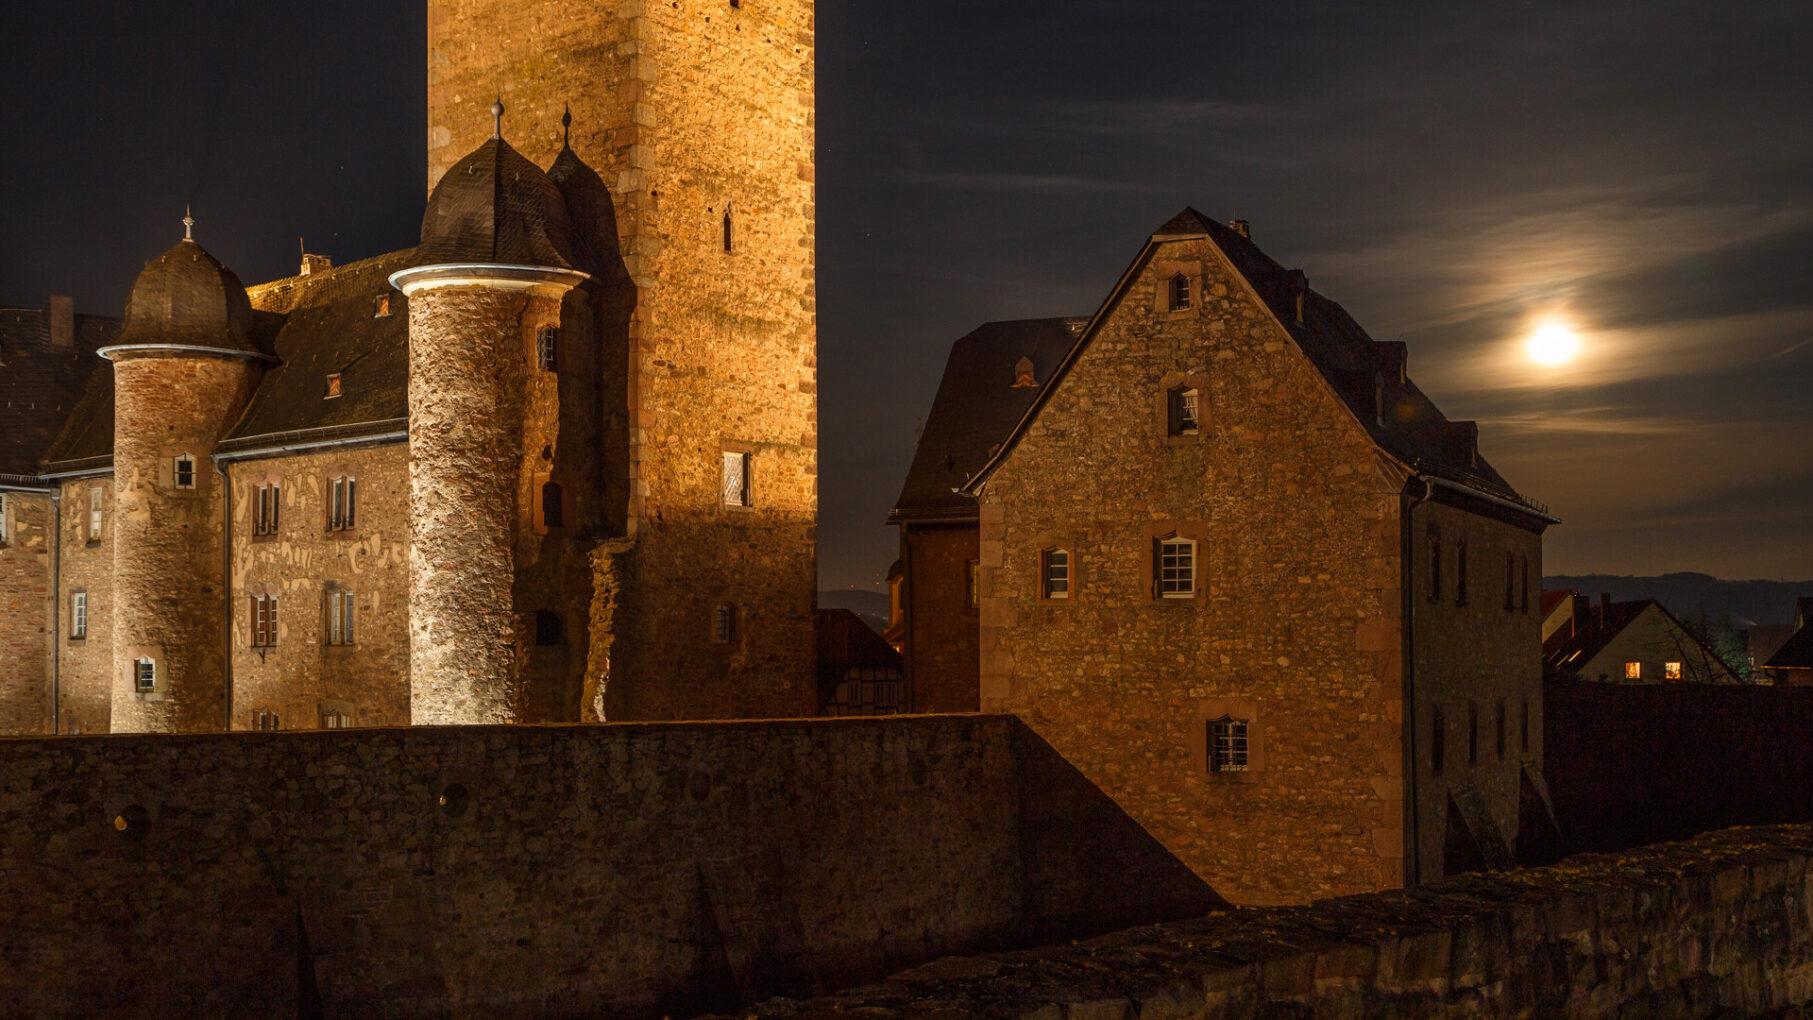 Steinau bei nacht